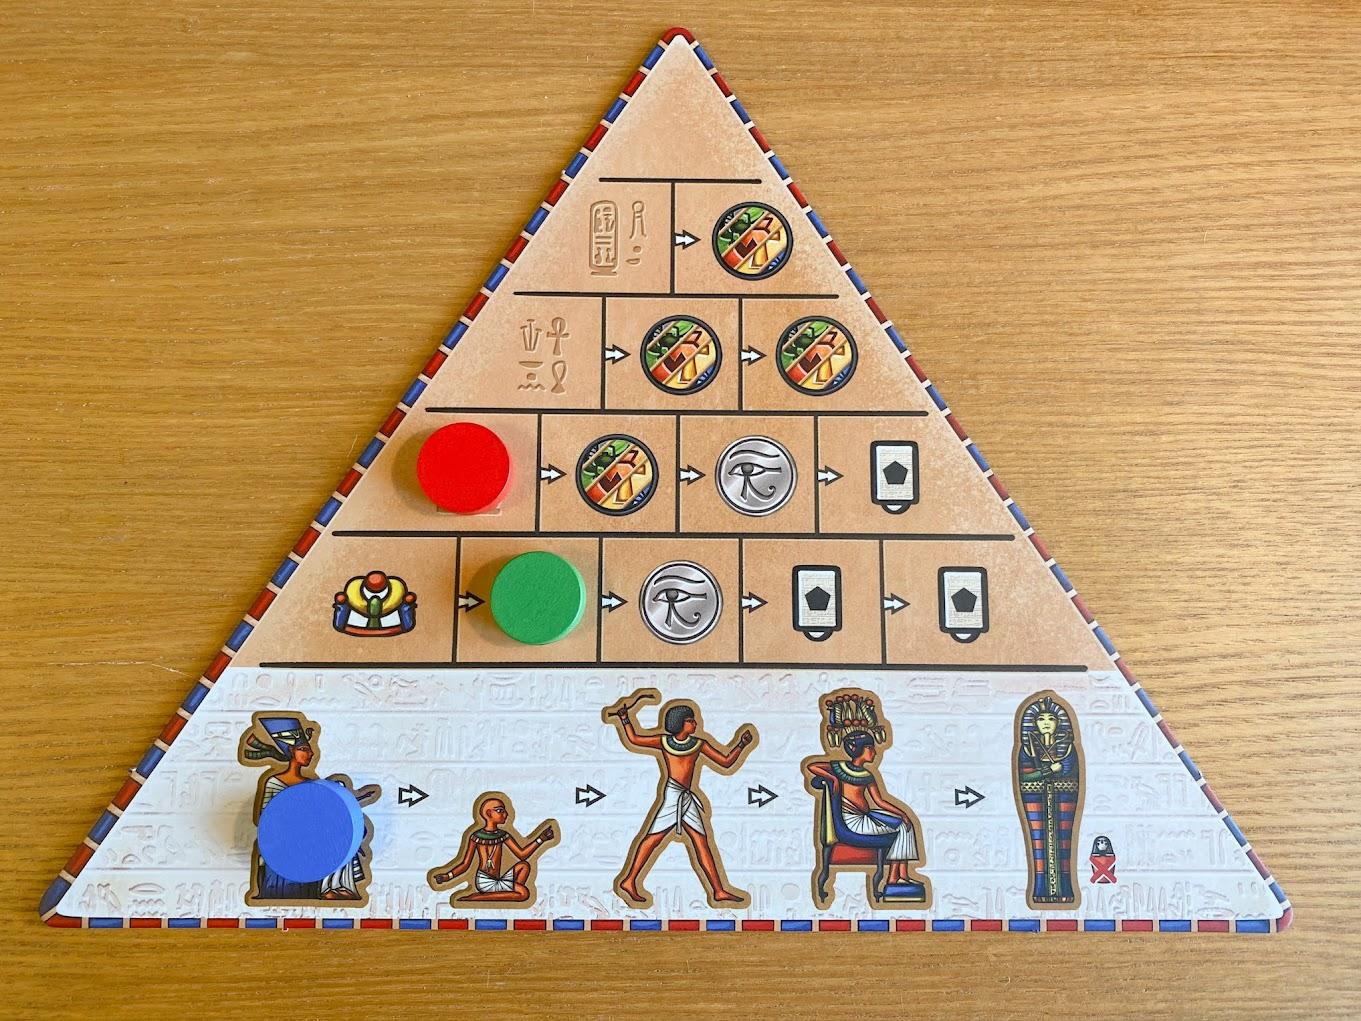 ファラオン:時のピラミッドボード